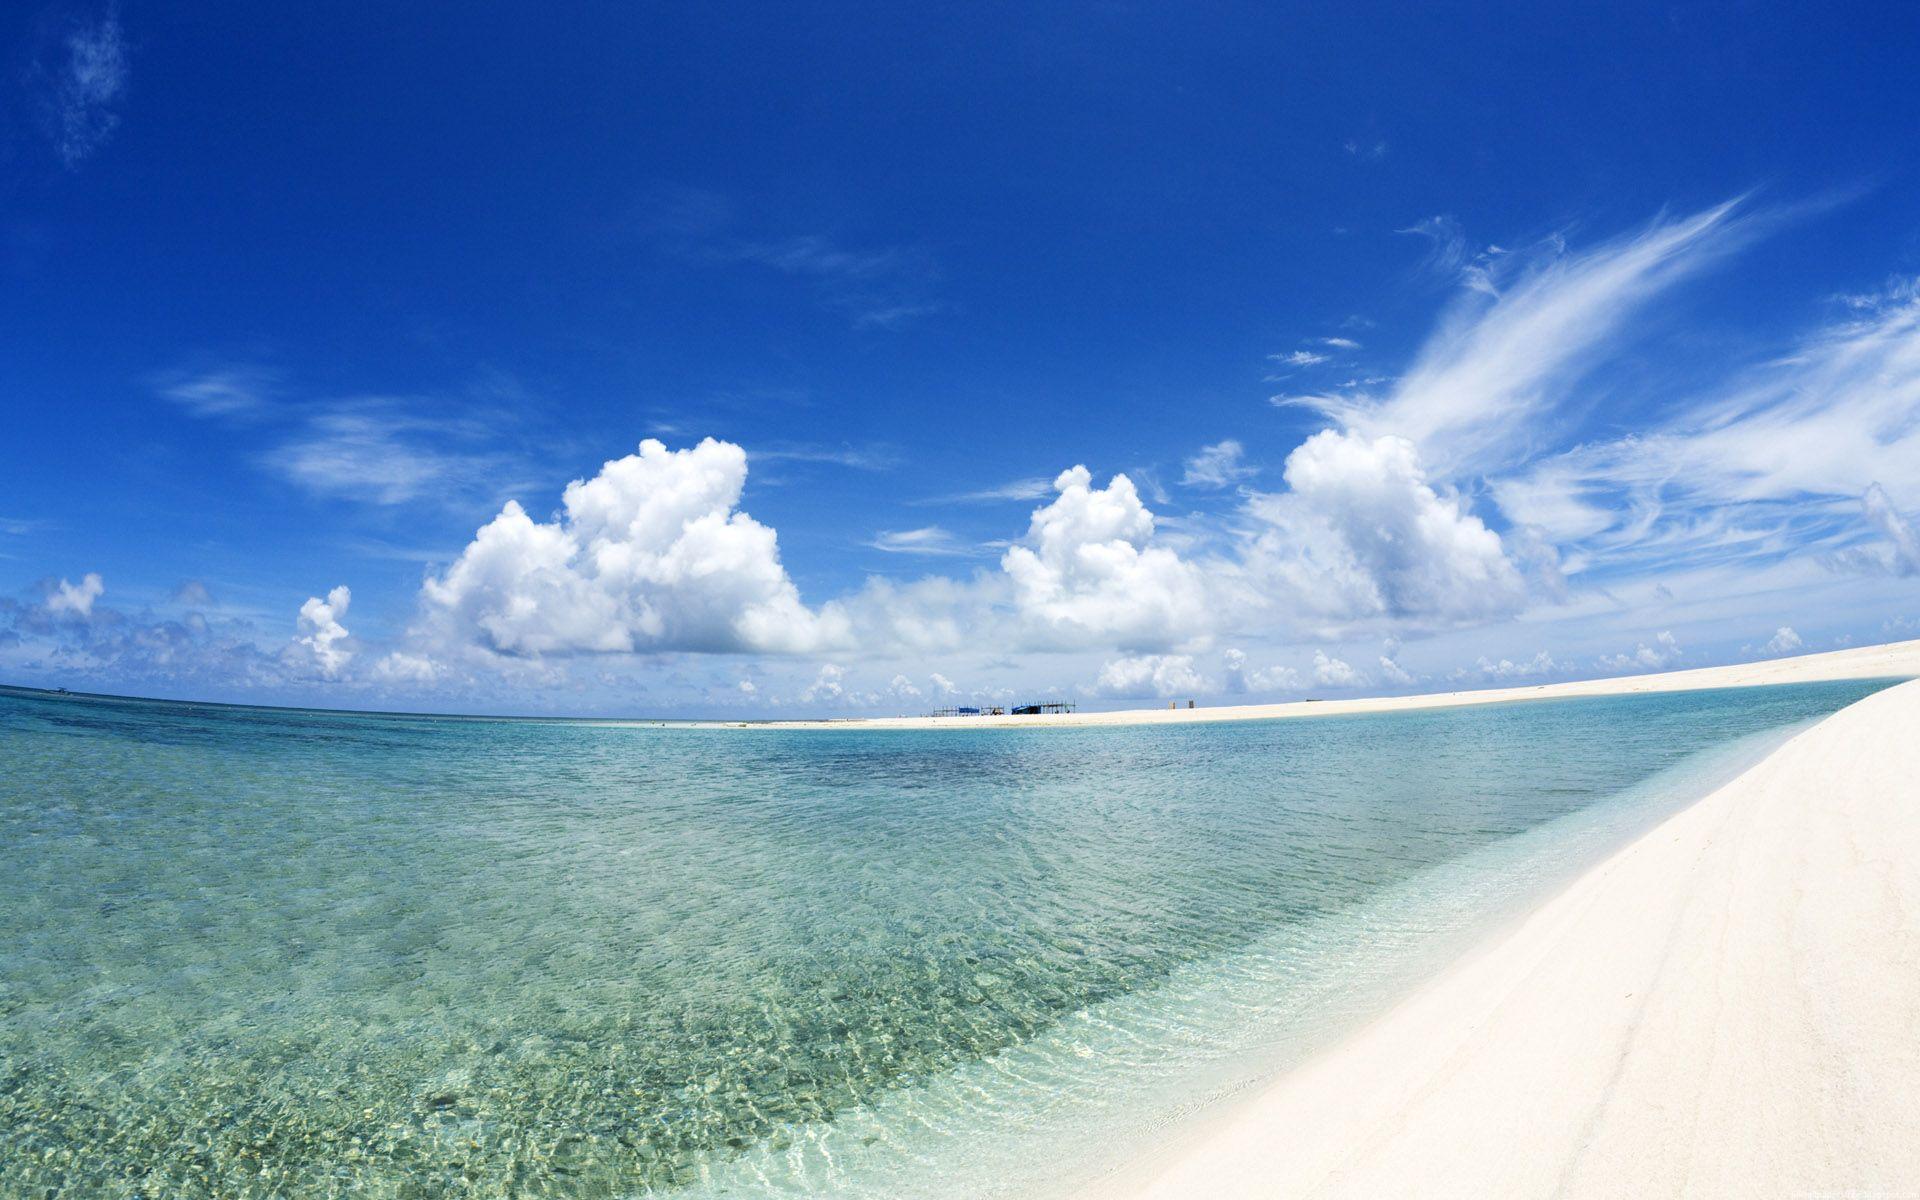 Vista angular de playa - 1920x1200